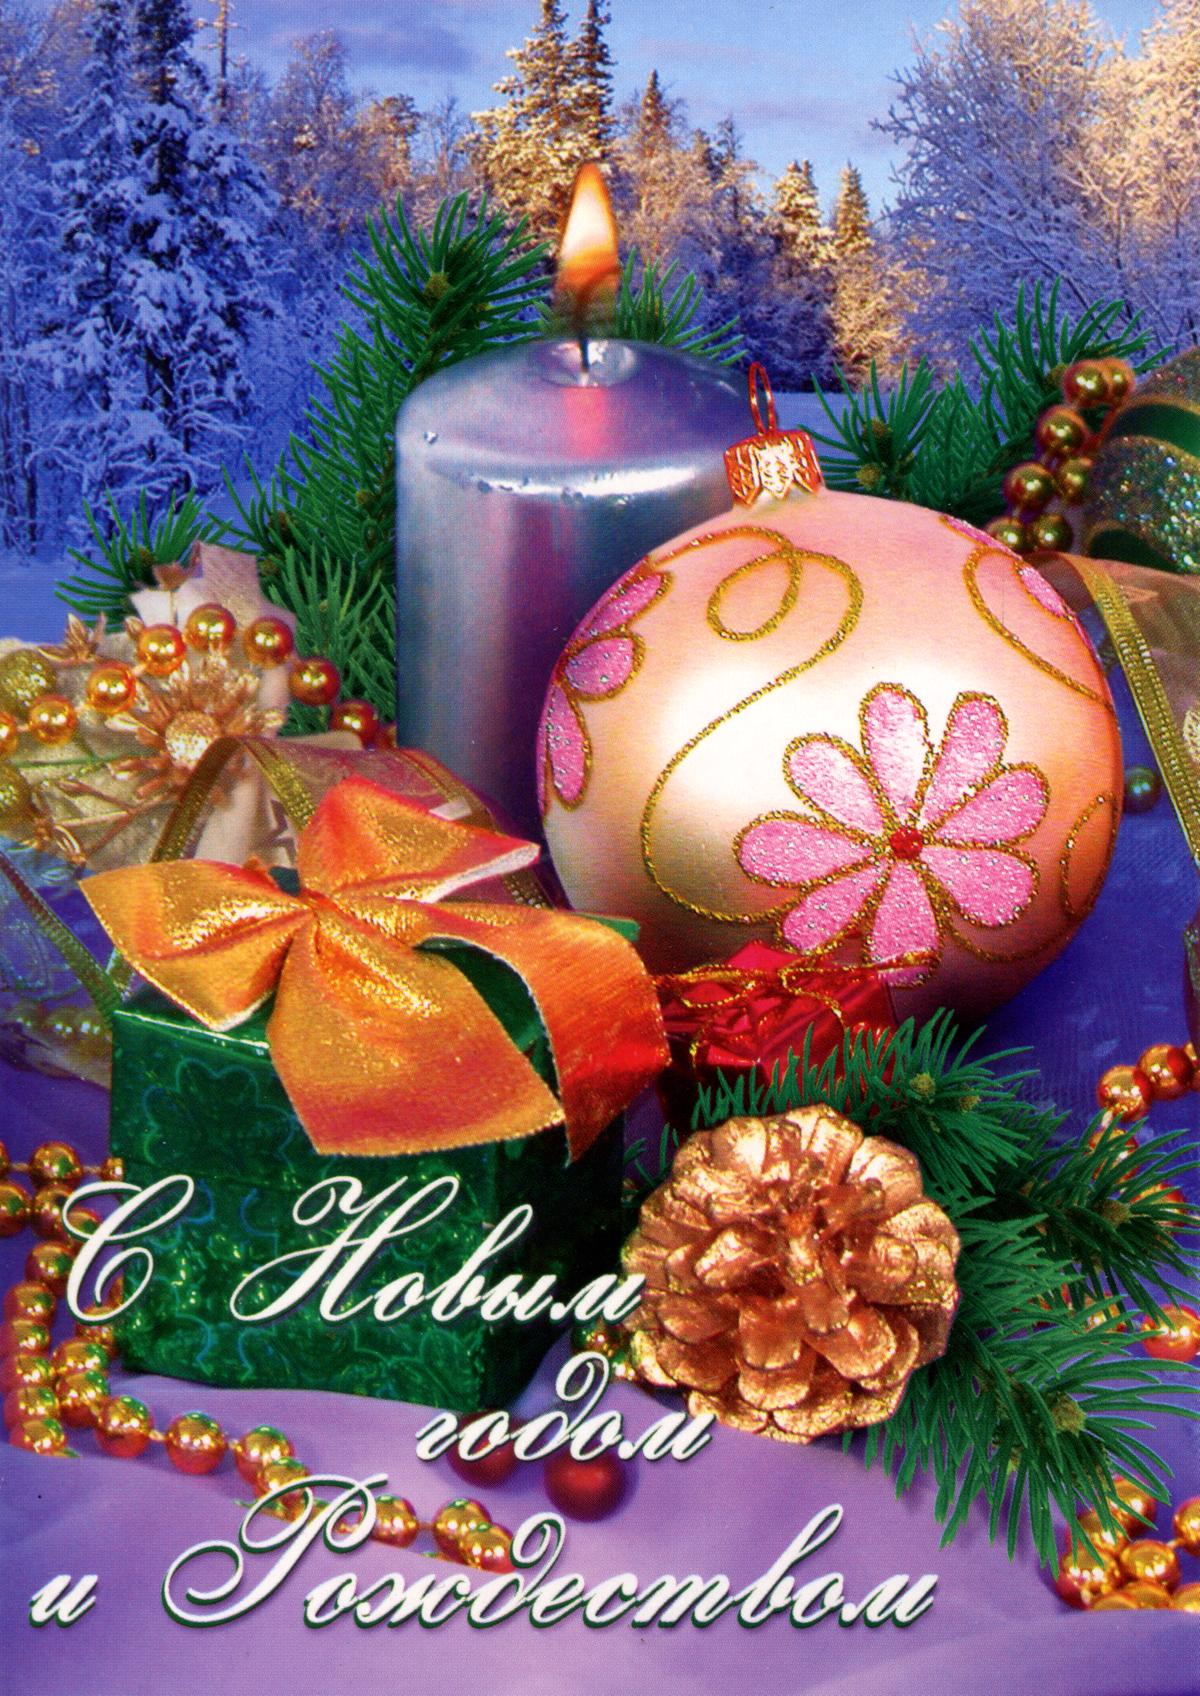 Открытки про новогодние праздники